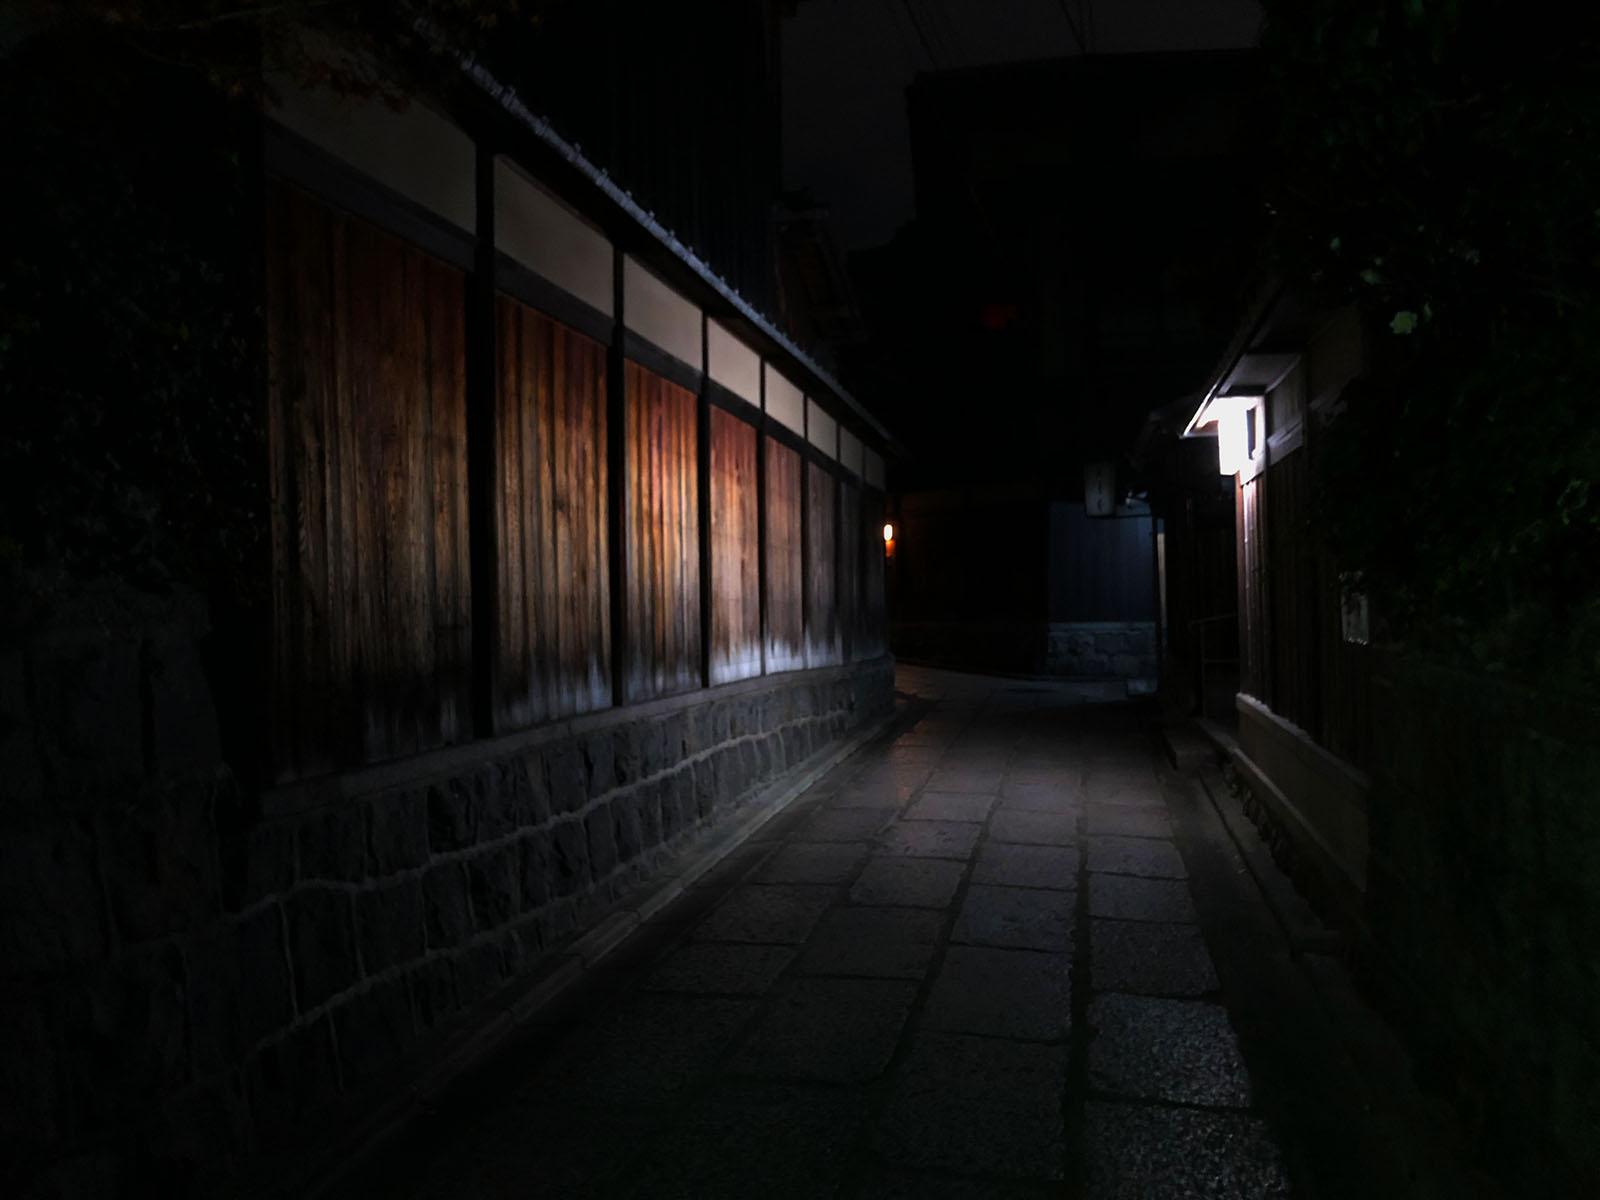 Calle de Higashiyama, en Kioto, Japón